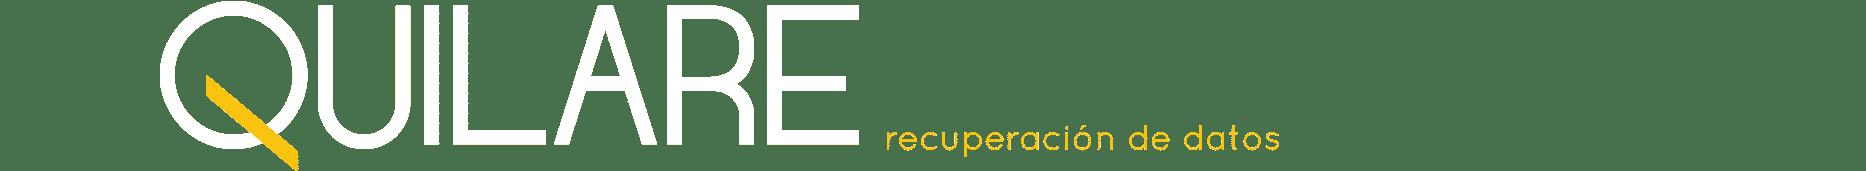 Recuperación de datos, empresa para recuperar datos de discos o dispositivos de almacenamiento que estén dañados